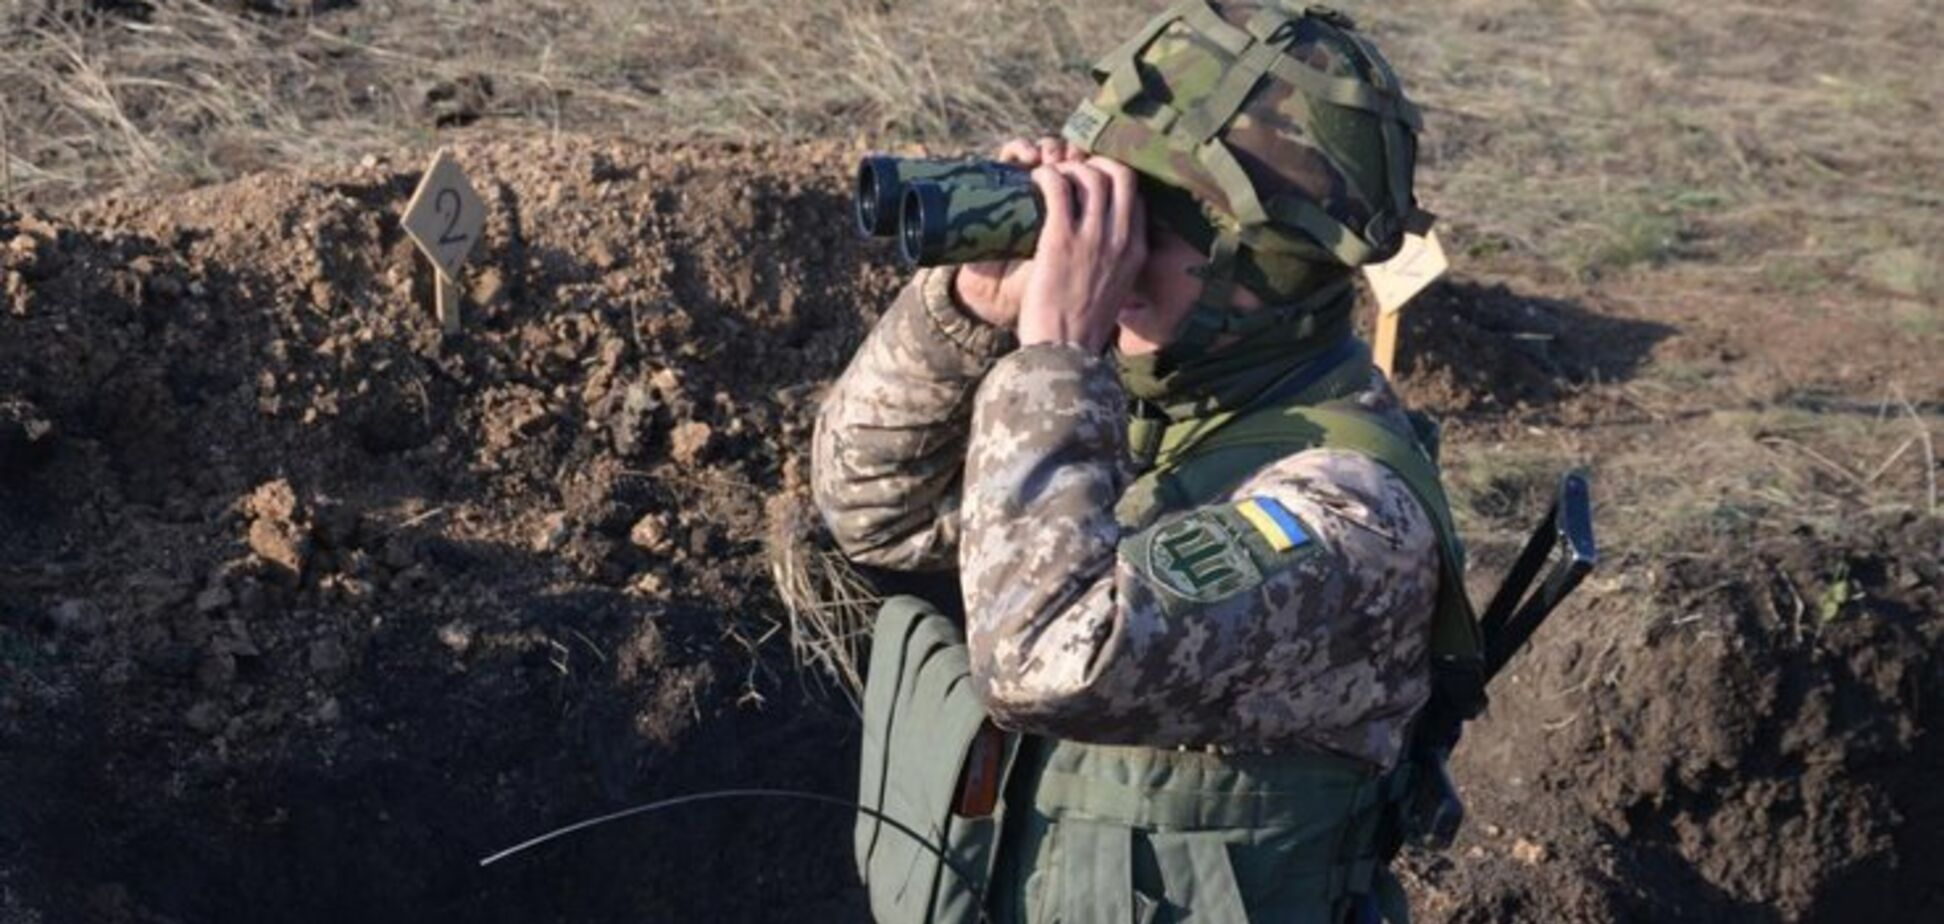 'Л/ДНР' зачаїлися після вбивства воїнів ЗСУ: що відбувається в зоні ООС